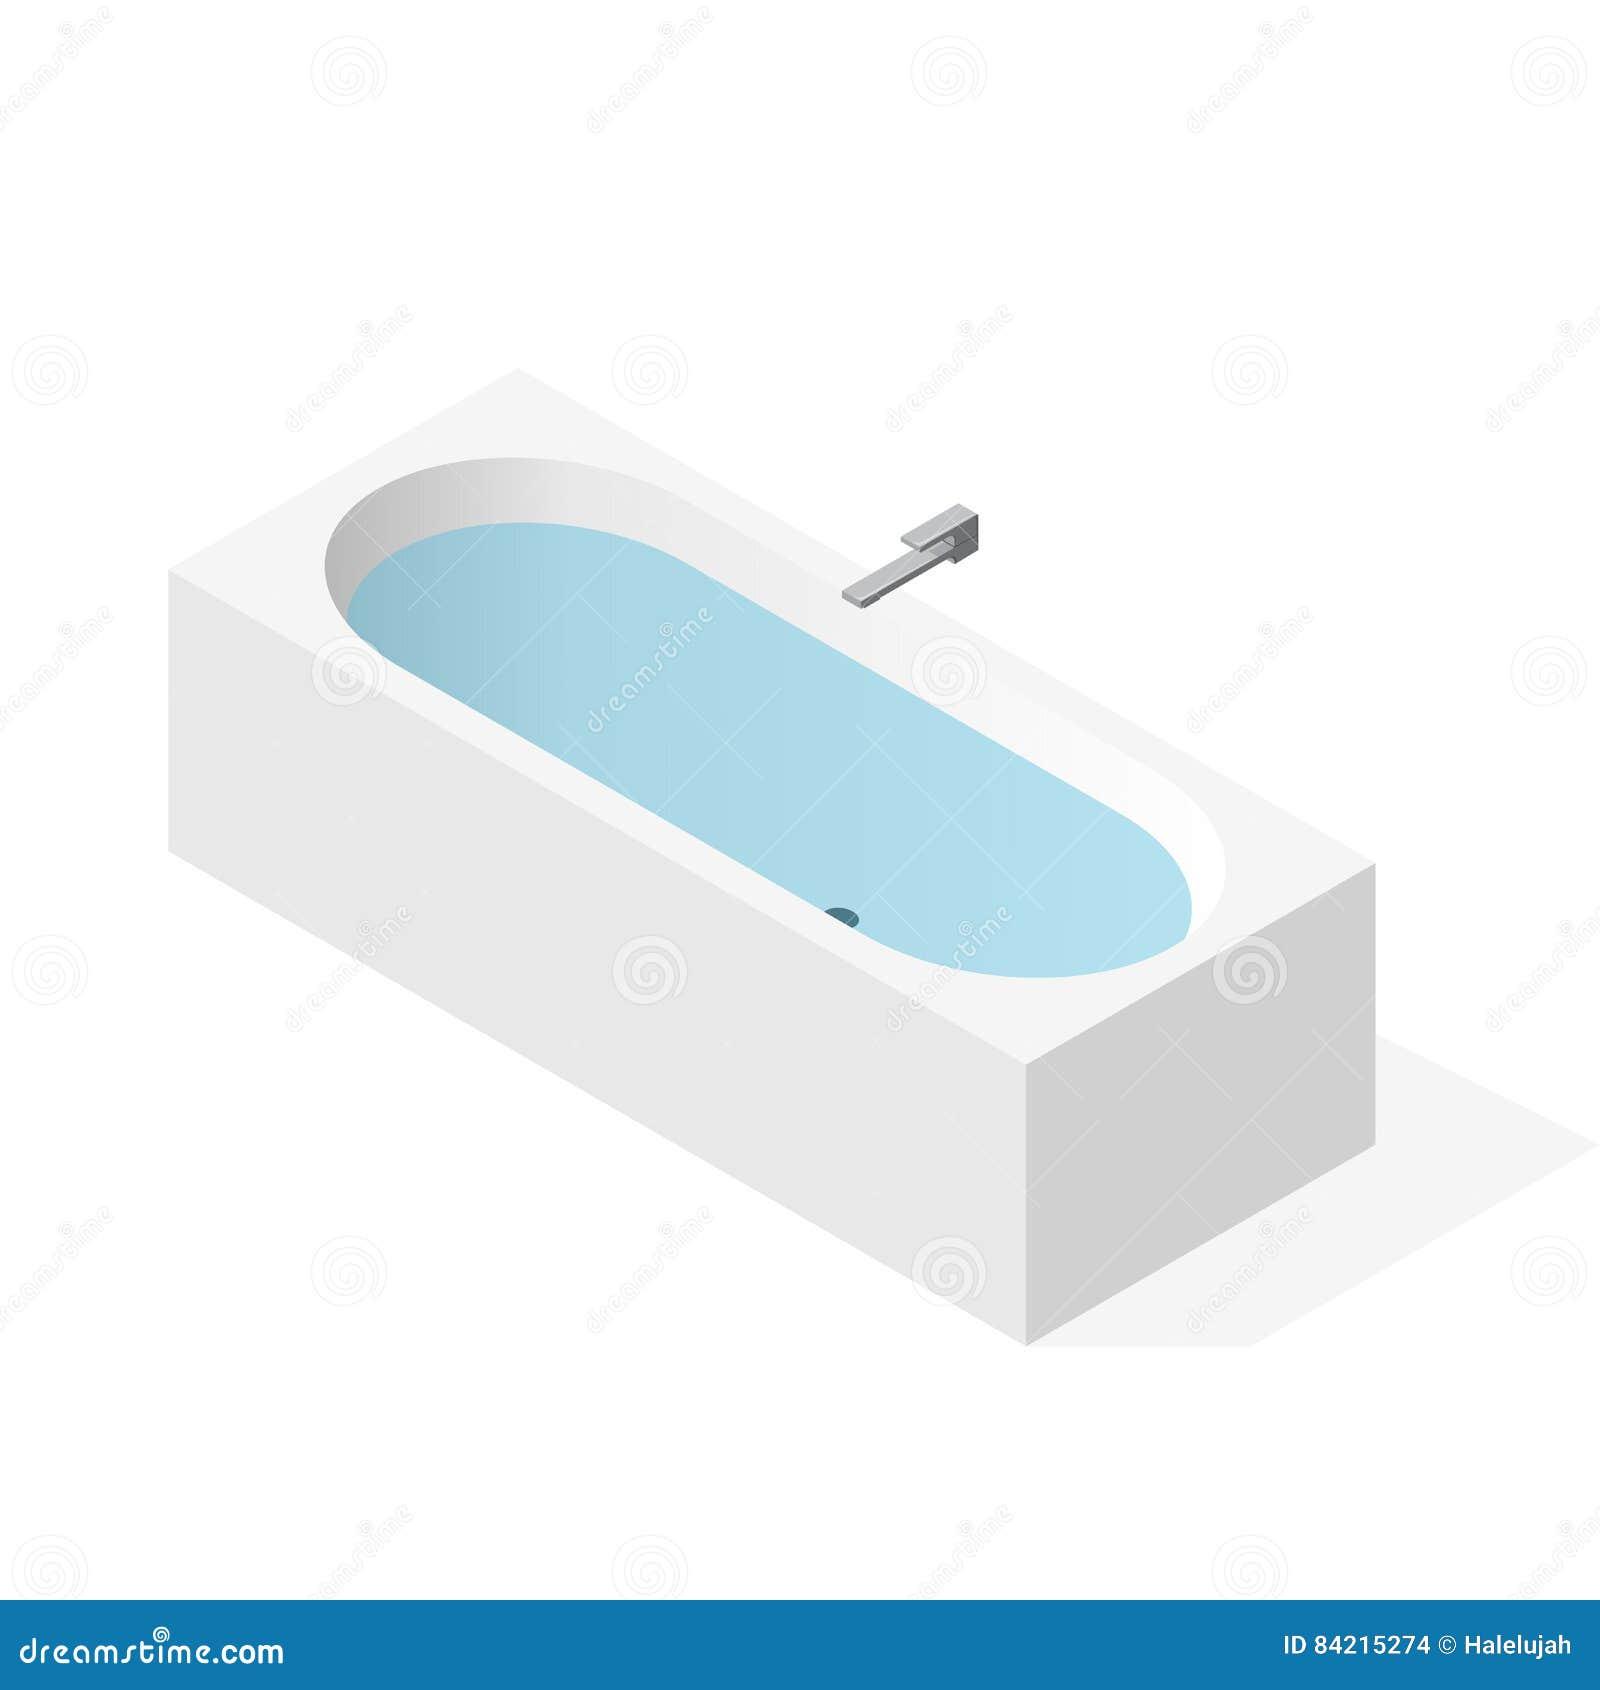 Moderne Badewanne gefüllt mit Wasser Vektorbadewanne, isometrische Perspektive